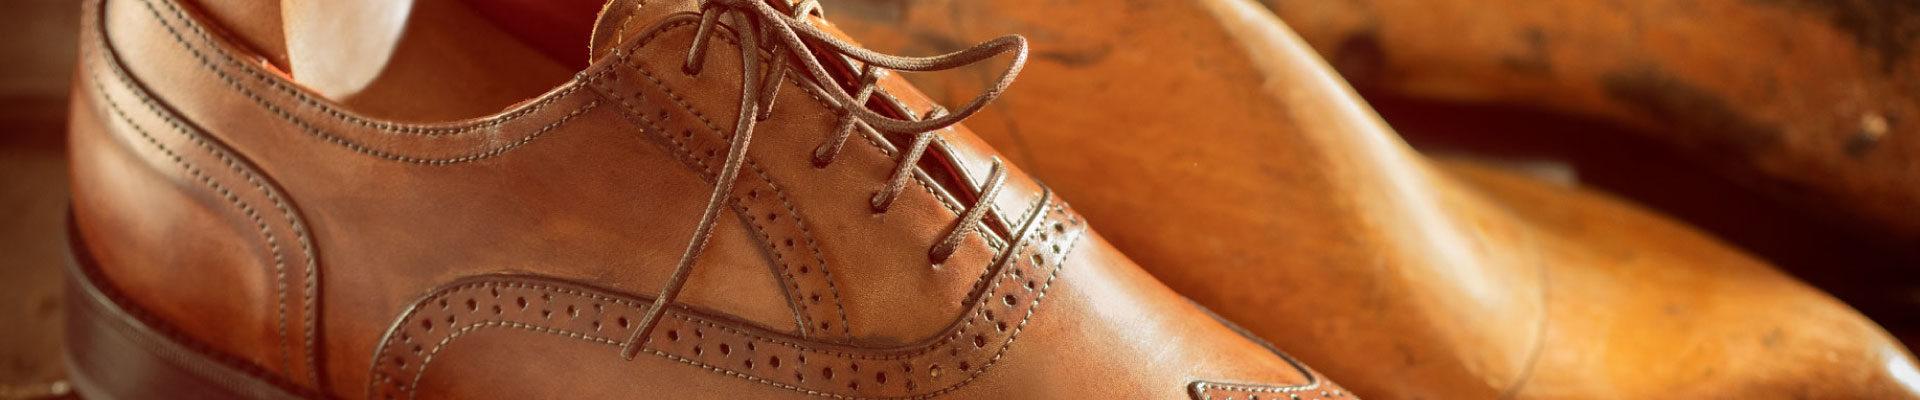 scarpe-marini